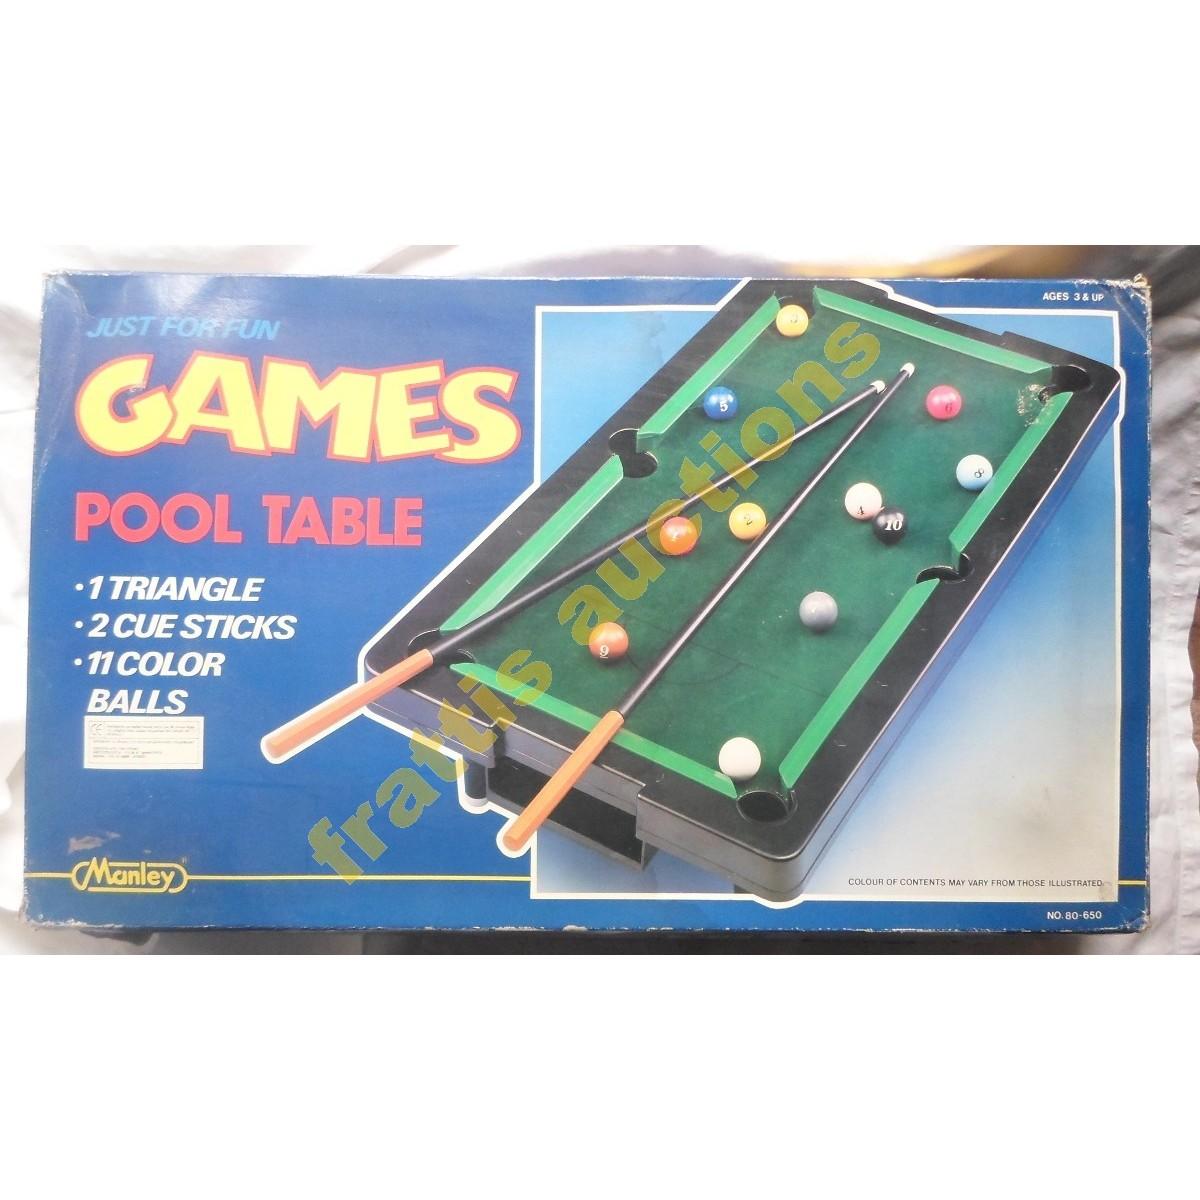 Επιτραπέζιο πλαστικό παιγνίδι μπιλιάρδο. Manley toys.